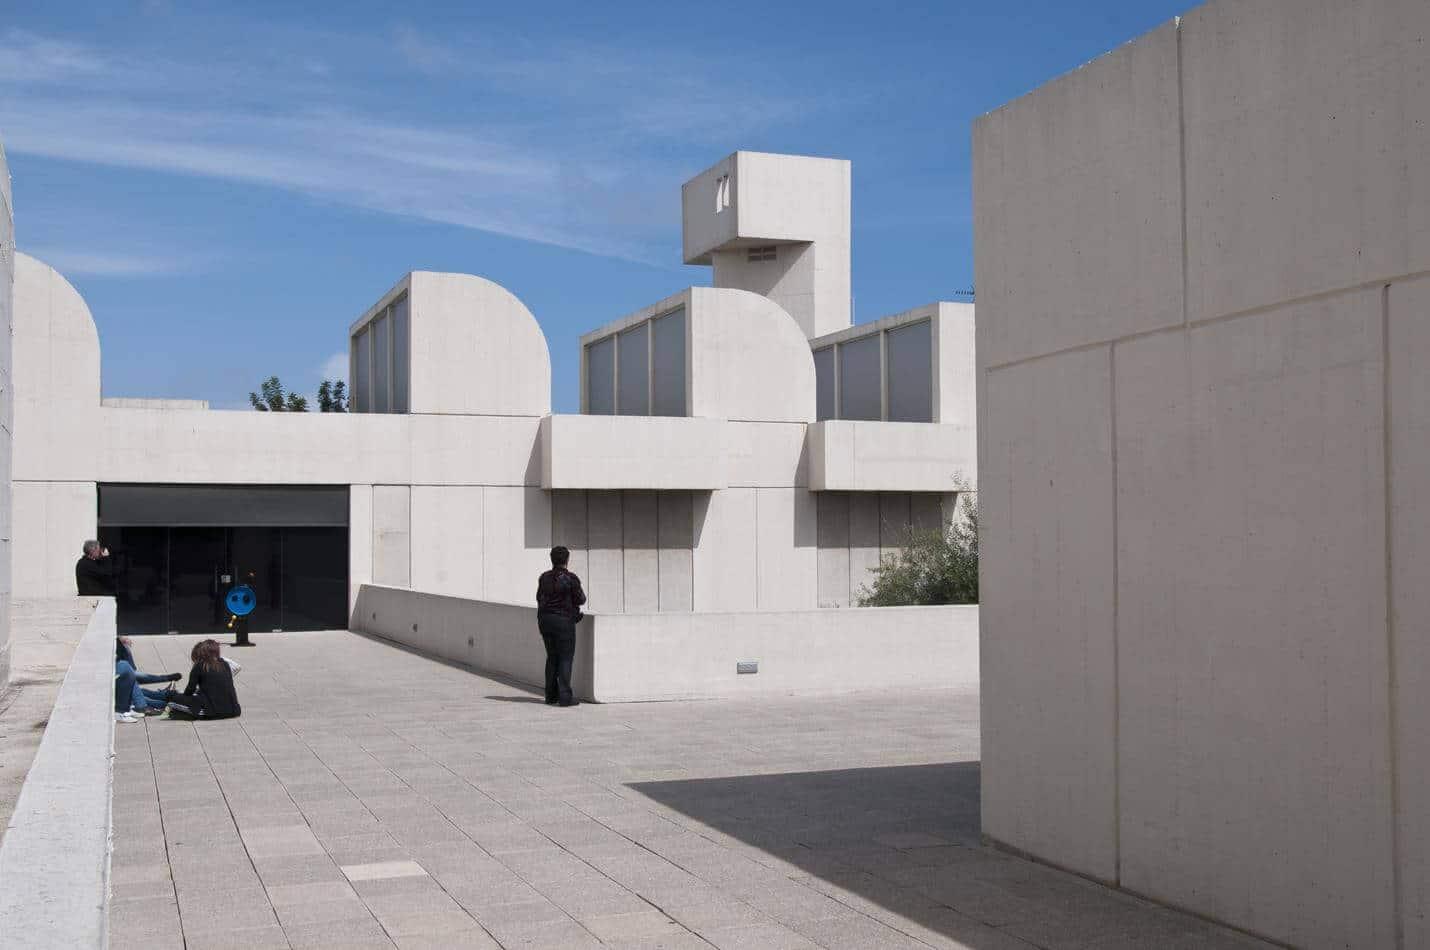 Fundació Joan Miró in Barcelona - Top